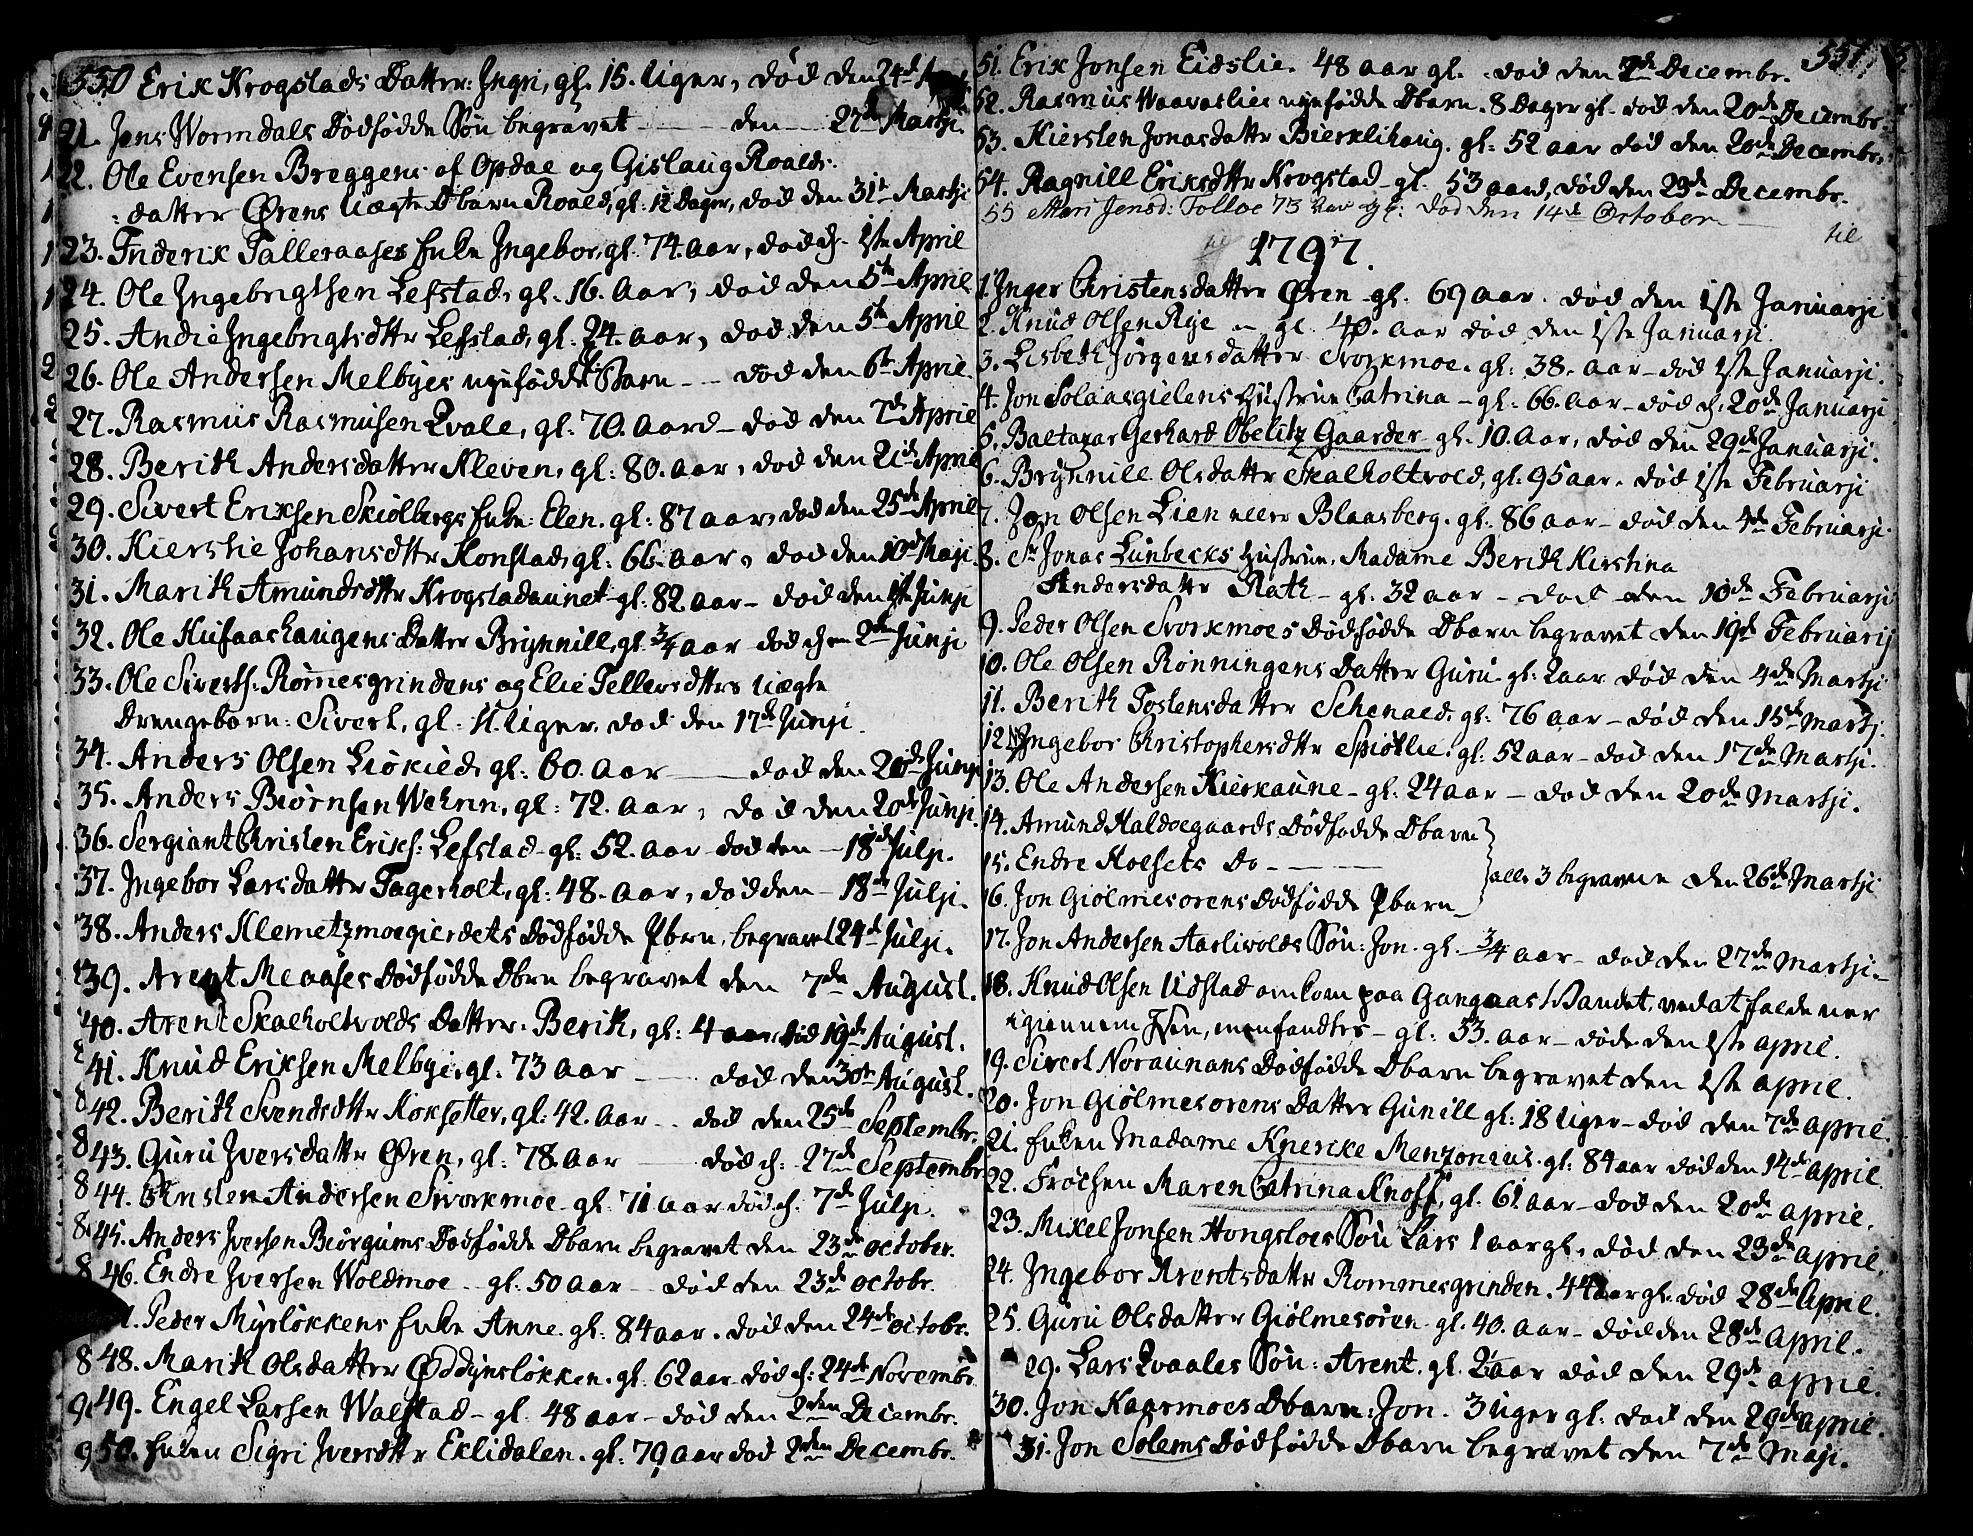 SAT, Ministerialprotokoller, klokkerbøker og fødselsregistre - Sør-Trøndelag, 668/L0802: Ministerialbok nr. 668A02, 1776-1799, s. 550-551